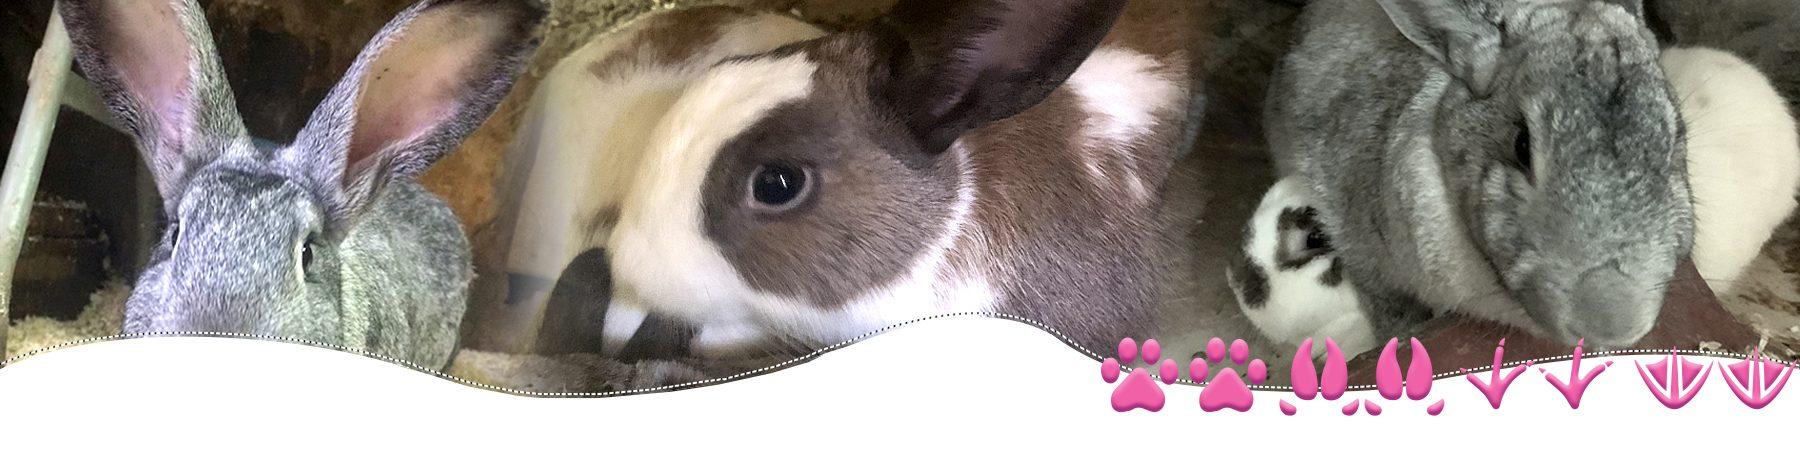 Familia Conejos del Santuario BuenaVida